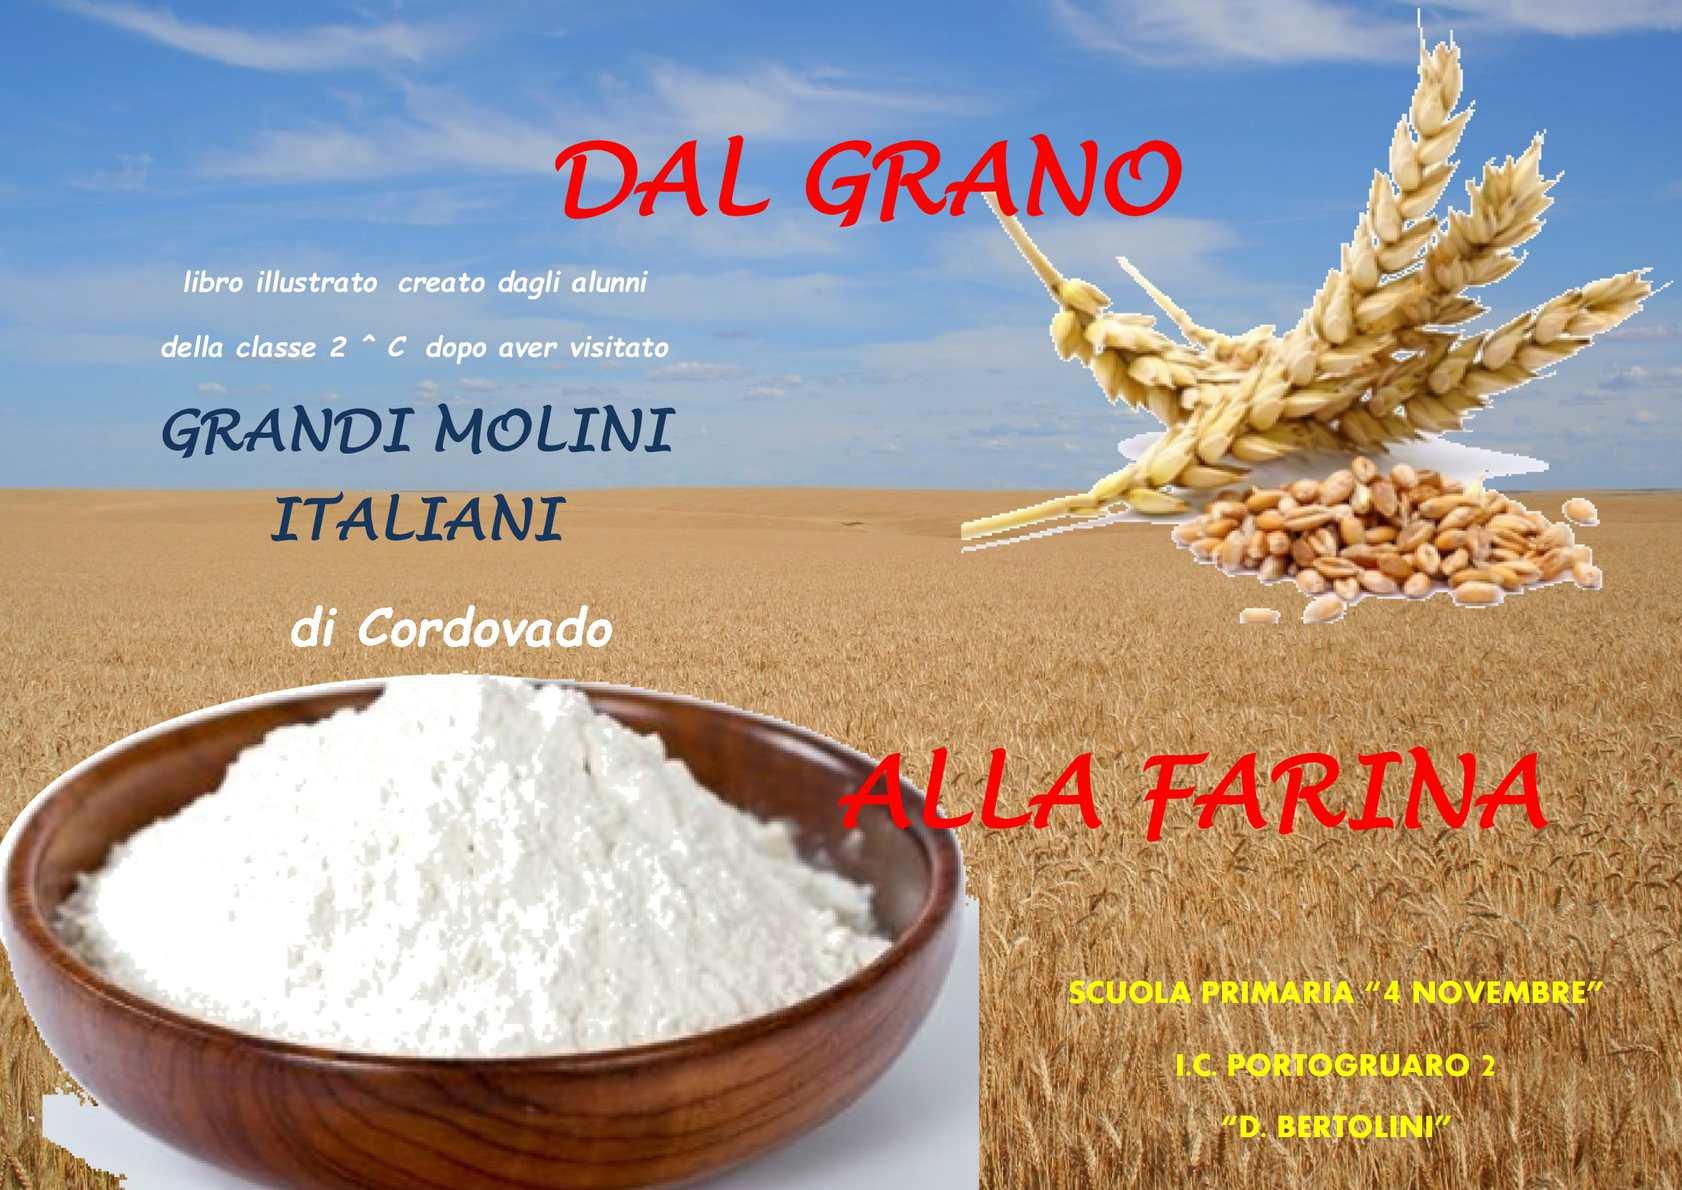 Calam o dalla farina al grano seconda c for Da dove proviene il grano della barilla